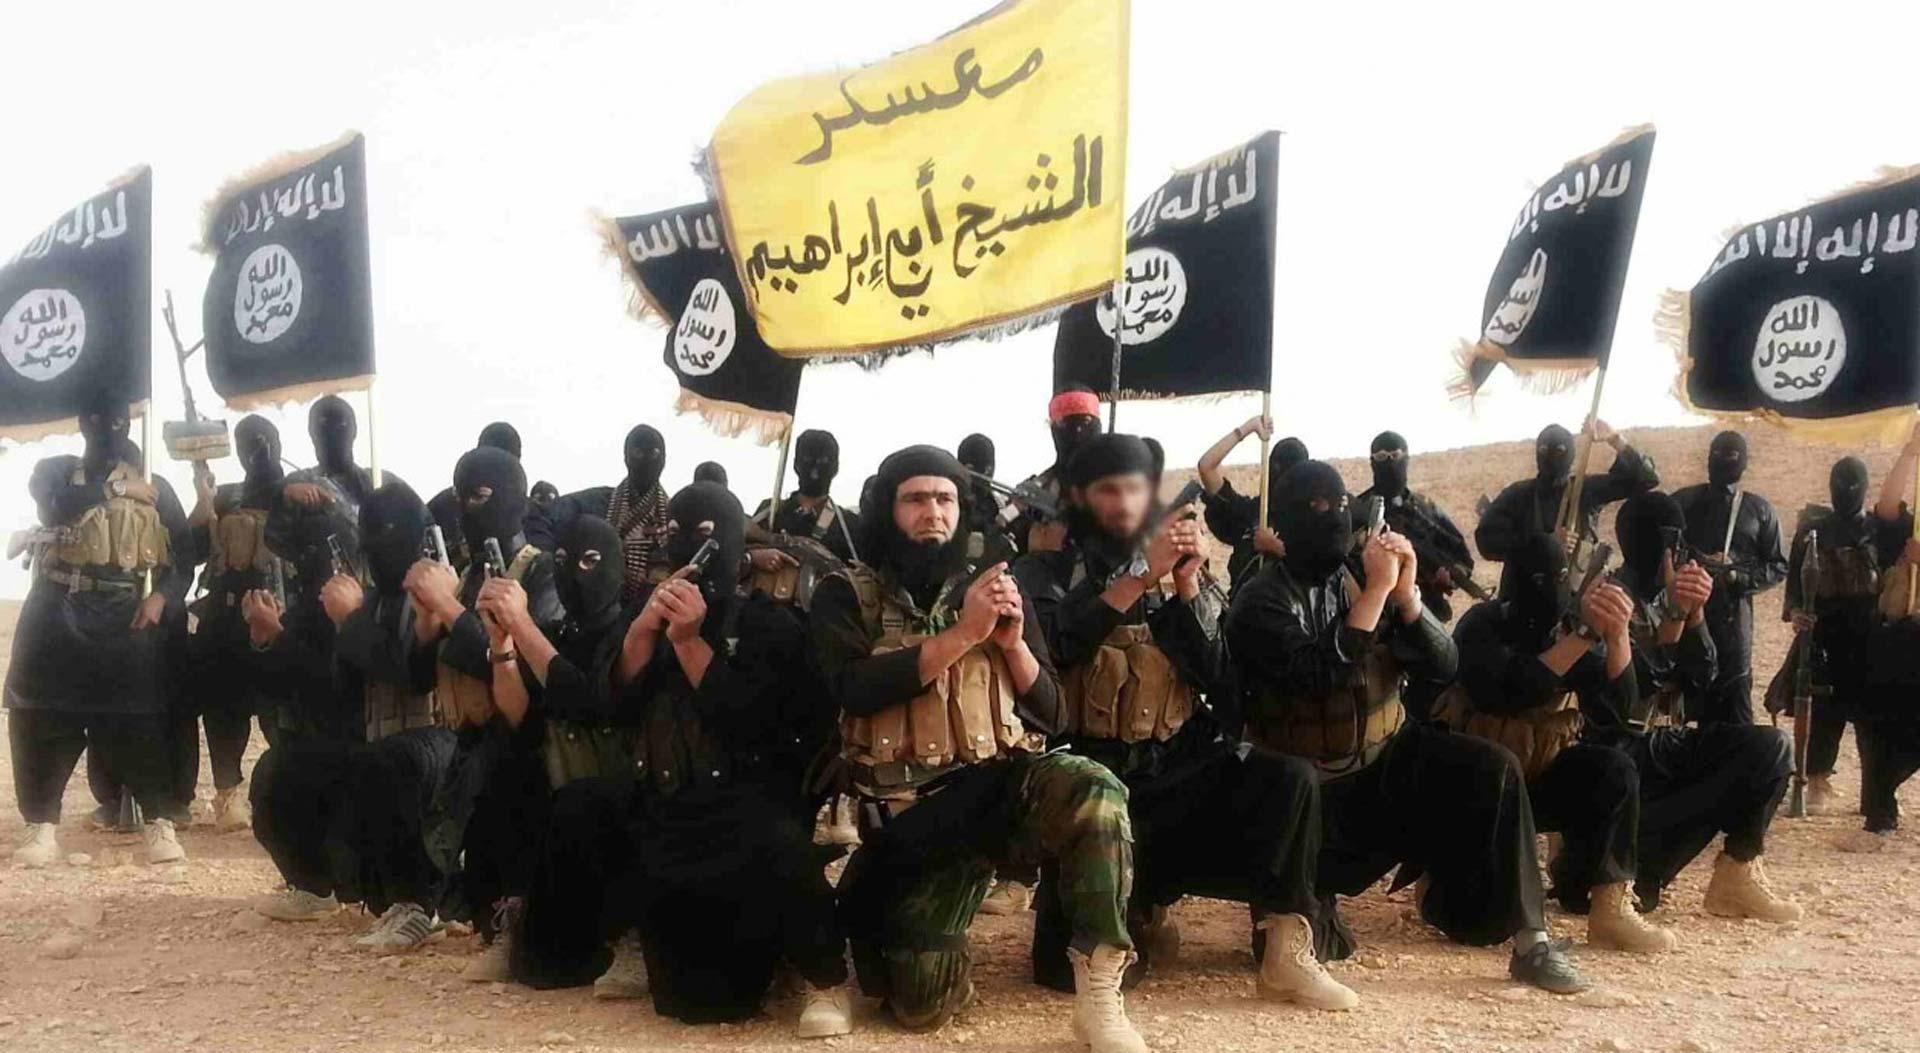 VANDALIZAM ILI PRIJETNJA: Uznemirujući grafiti osvanuli u Švedskoj: Kršćani, pređite na islam ili umrite